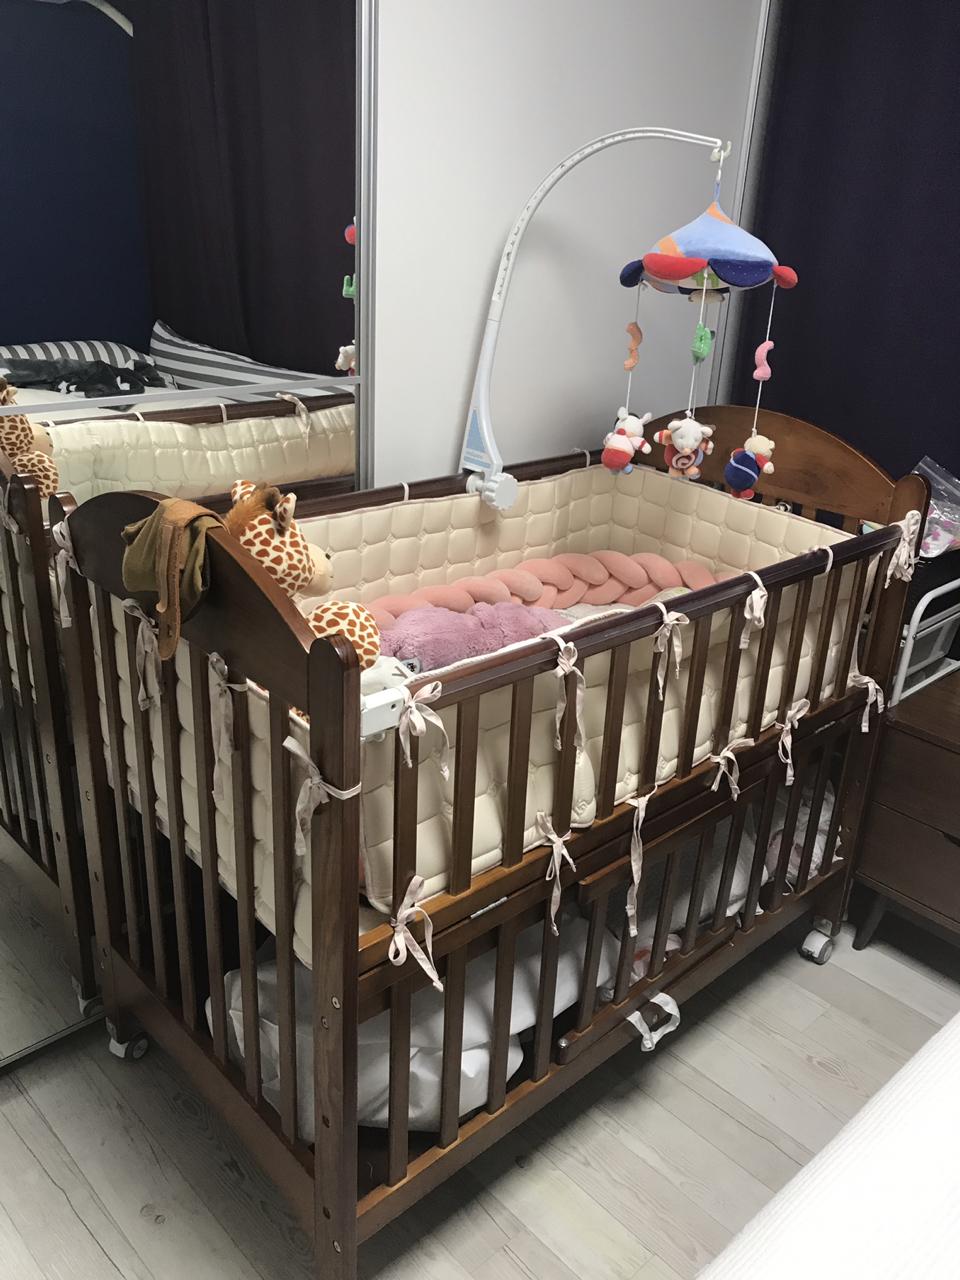 쁘띠라뺑 에코베어 고급형 침대+범퍼가드 세트 / 아기침대